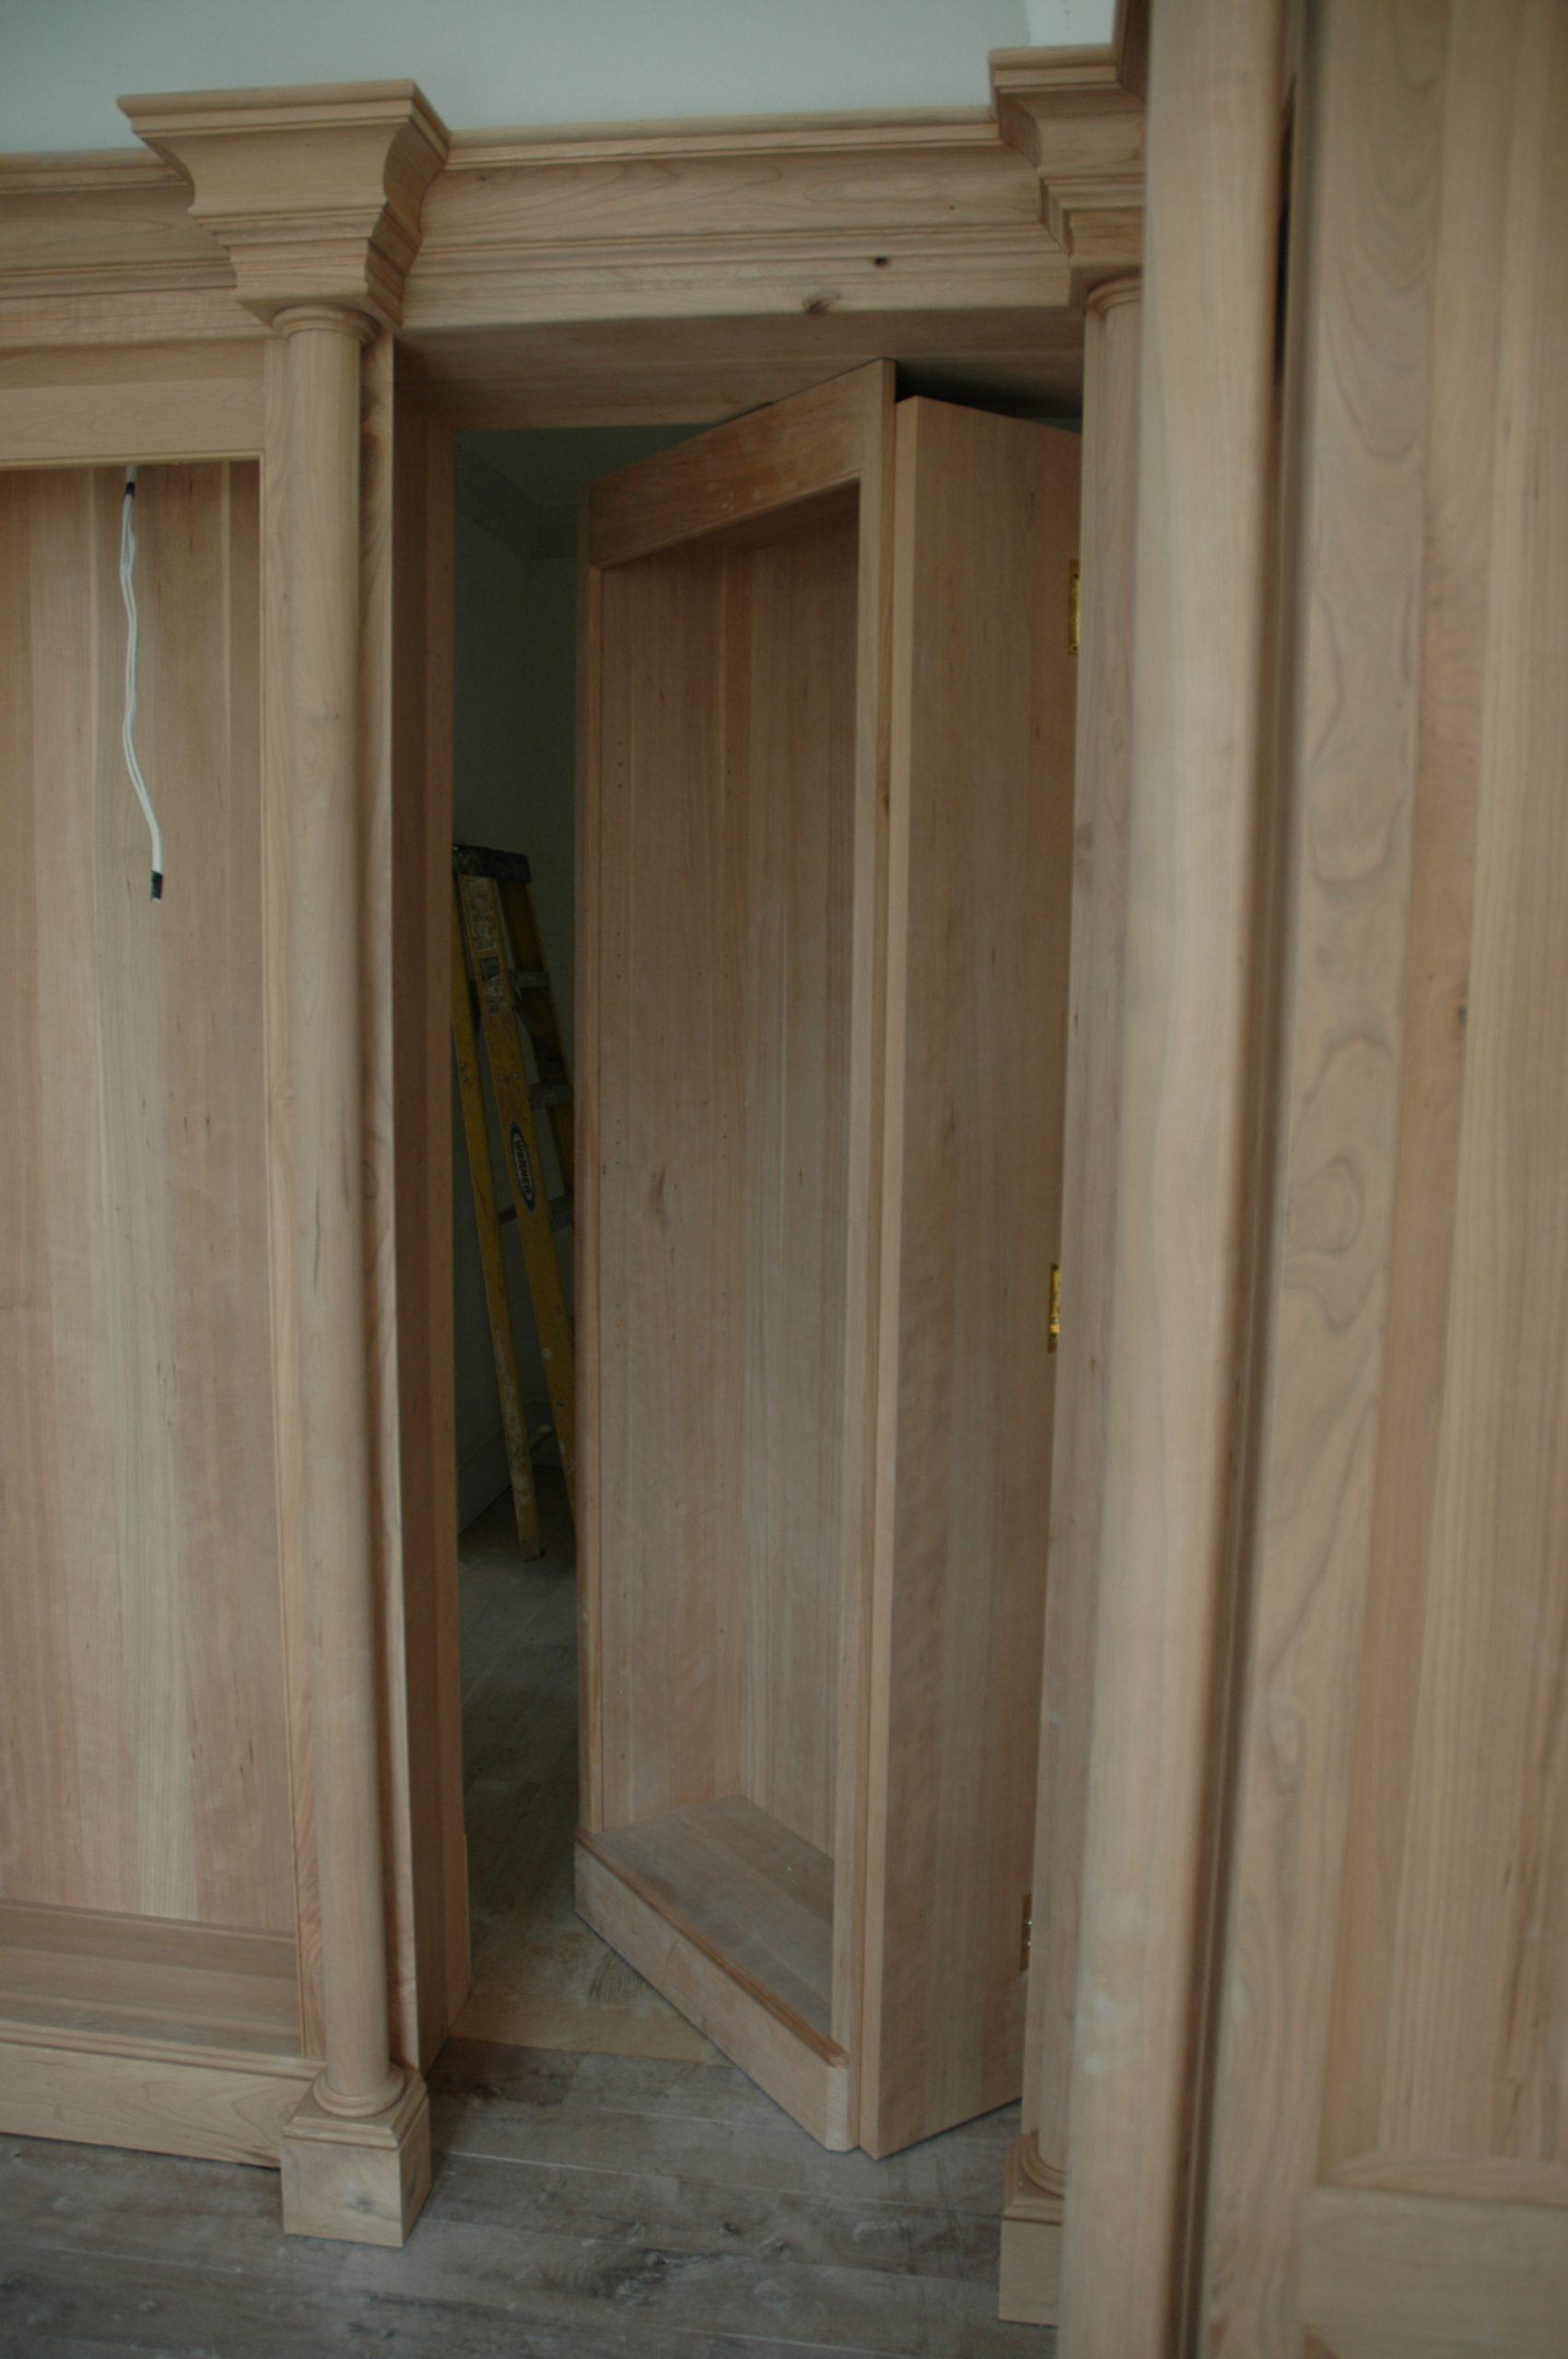 Hidden moving bookshelf door - swing-in